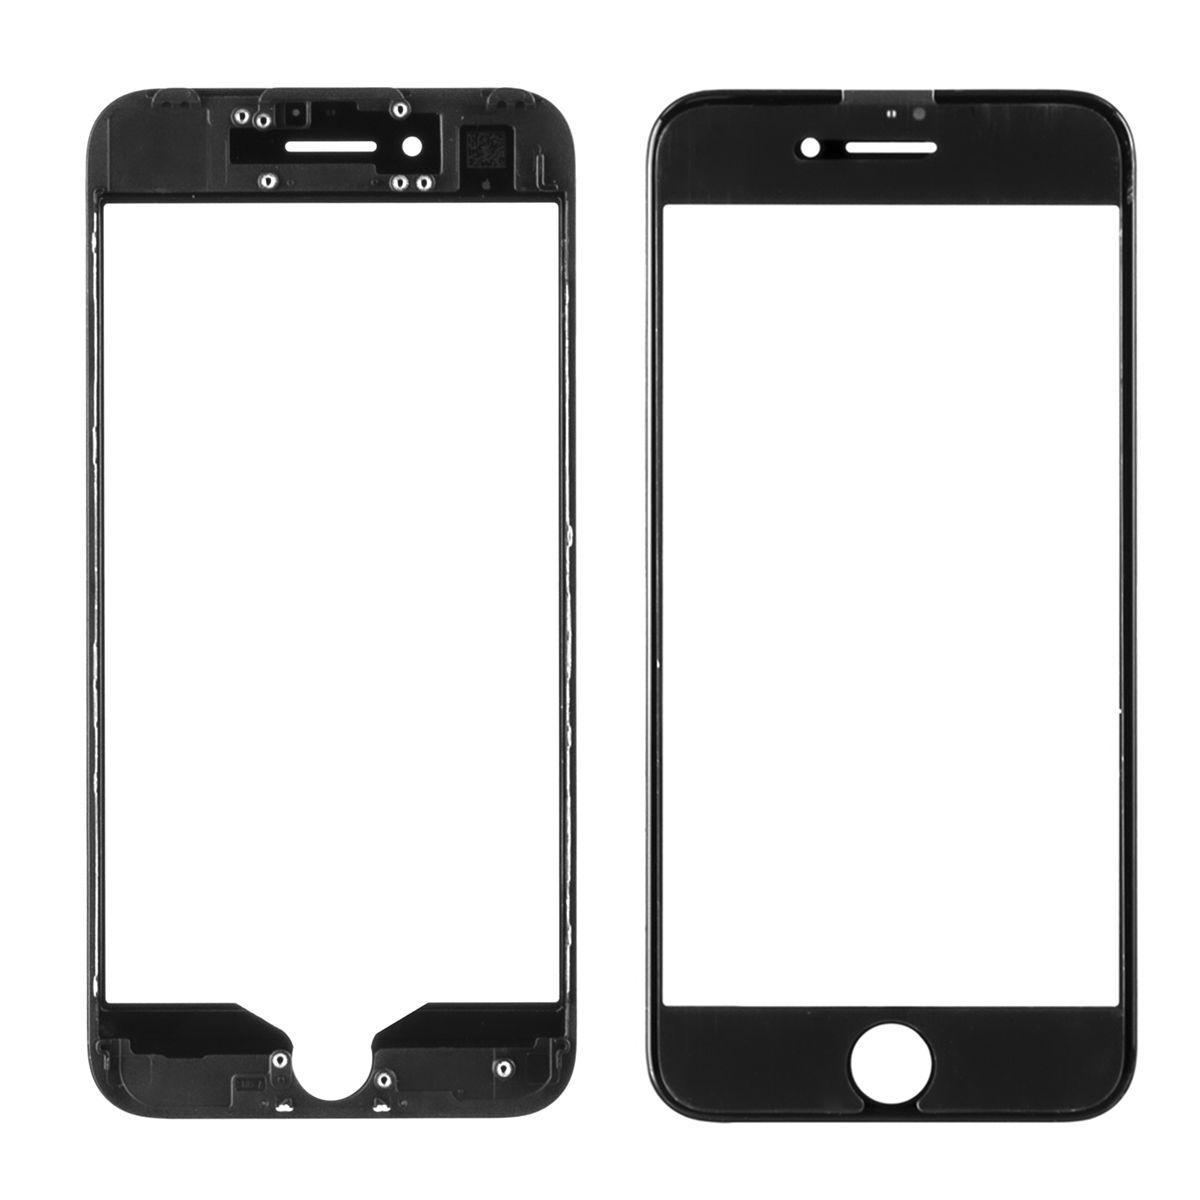 Стекло дисплей для iPhone 8G (3 в 1) с рамкой и OCA пленкой, Black